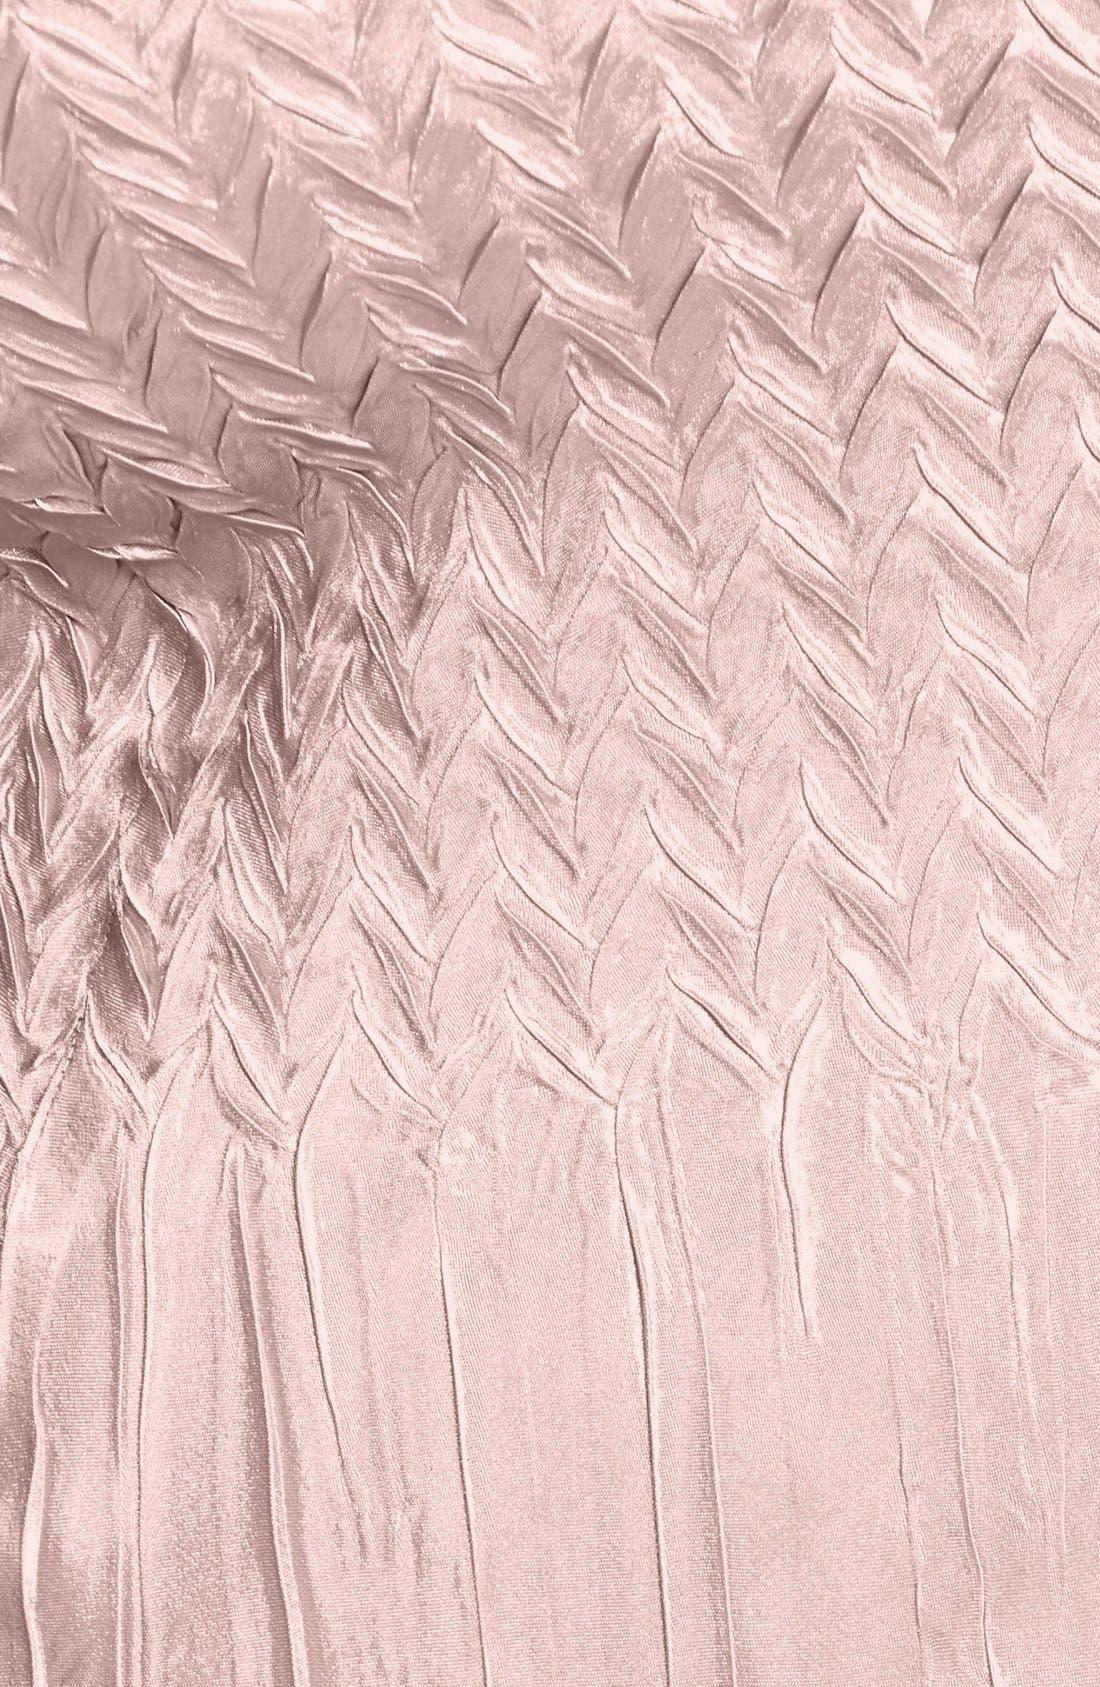 Alternate Image 3  - Komarov Embellished Square Neck Chiffon & Charmeuse Dress (Plus Size)